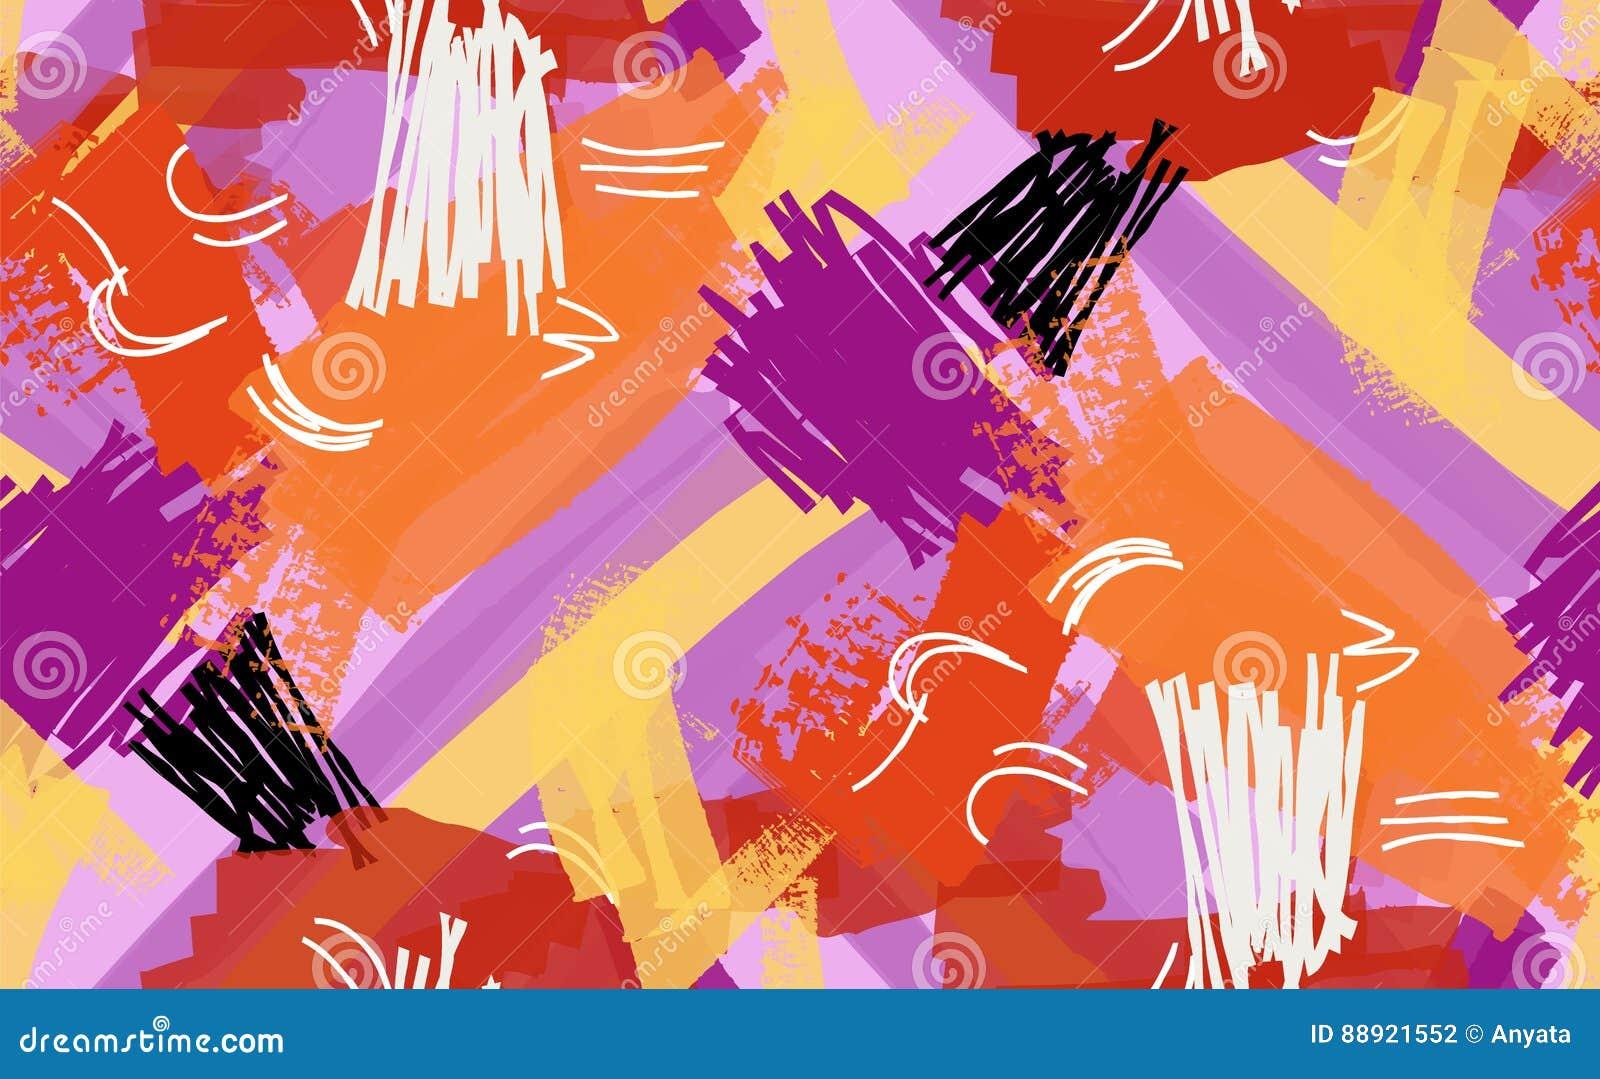 抽象标志和墨水冲程紫色橙黄色